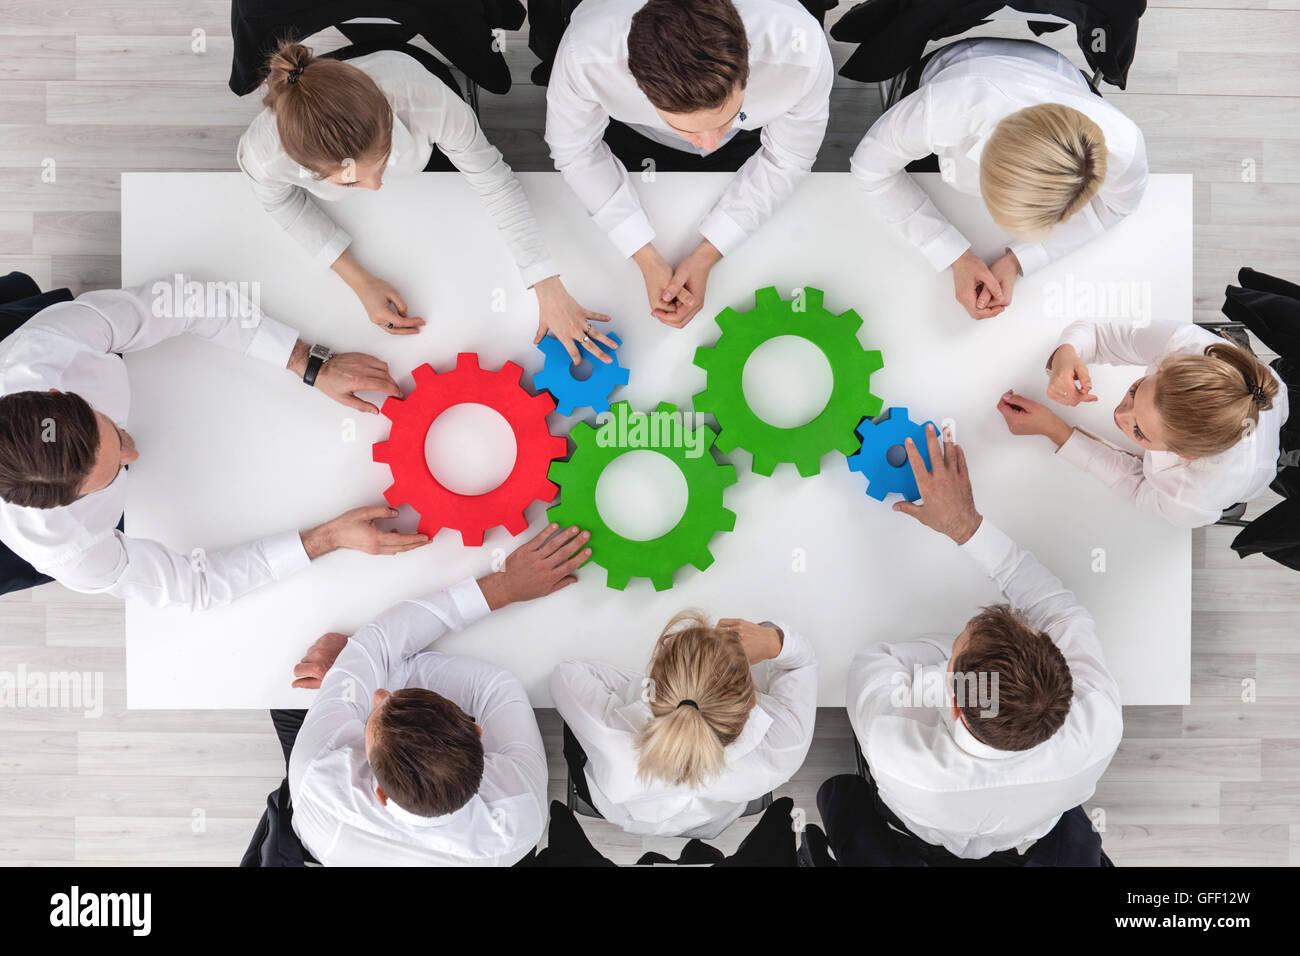 Equipo empresarial sentados alrededor de la mesa con engranajes, concepto de trabajo en equipo Imagen De Stock